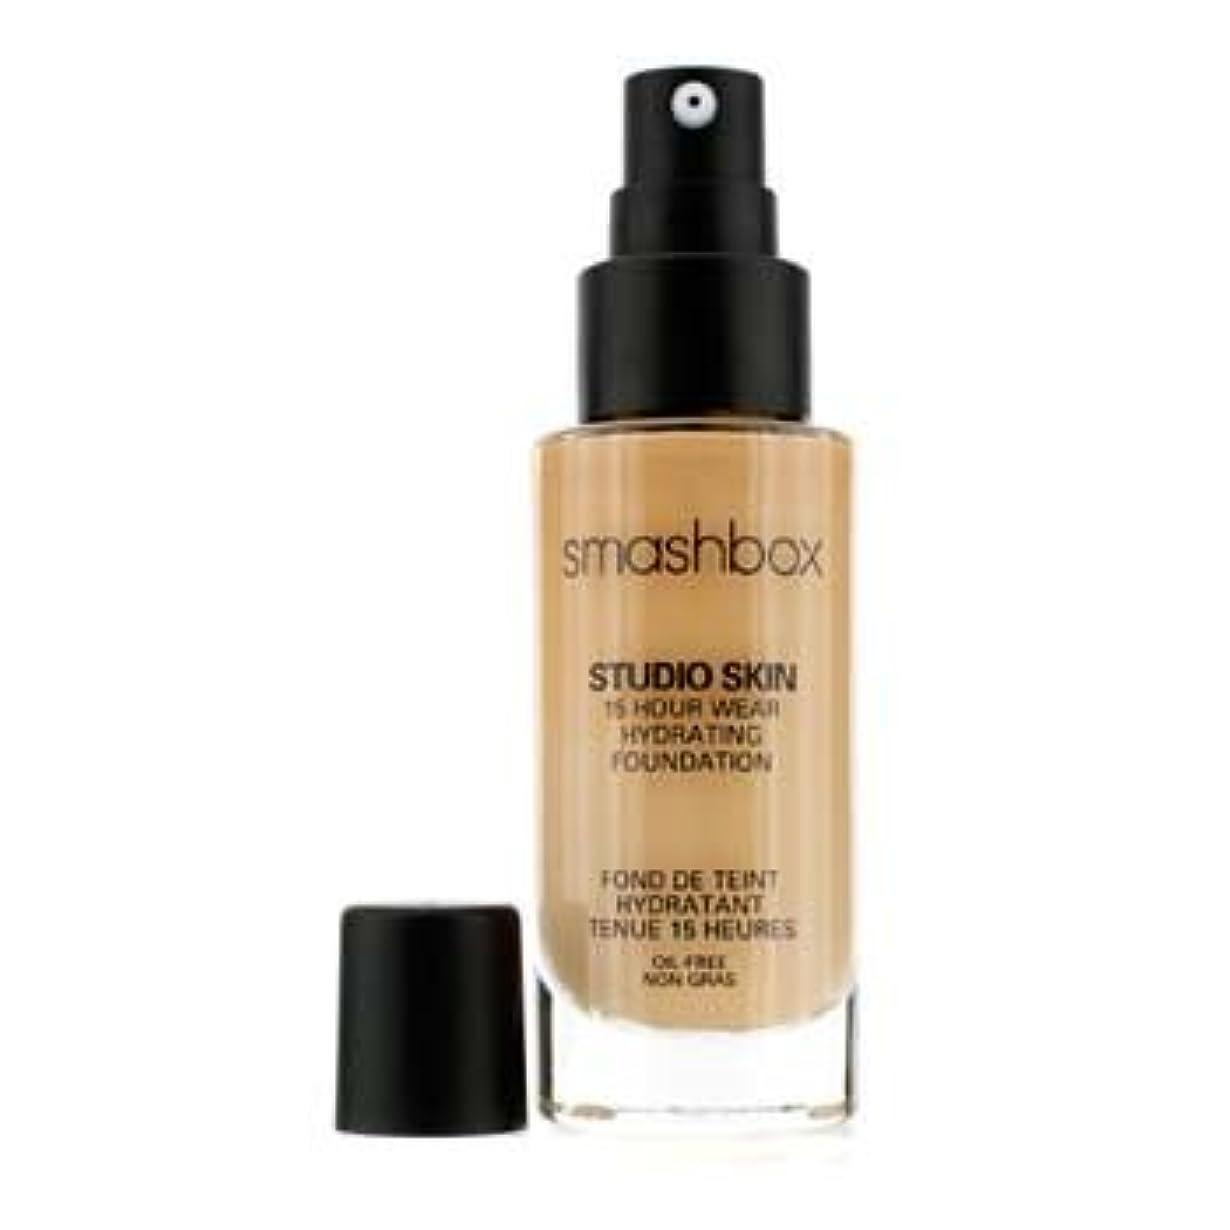 スロー弾性民主主義スマッシュボックス Studio Skin 15 Hour Wear Hydrating Foundation - # 2.2 Light Golden Beige 30ml/1oz並行輸入品